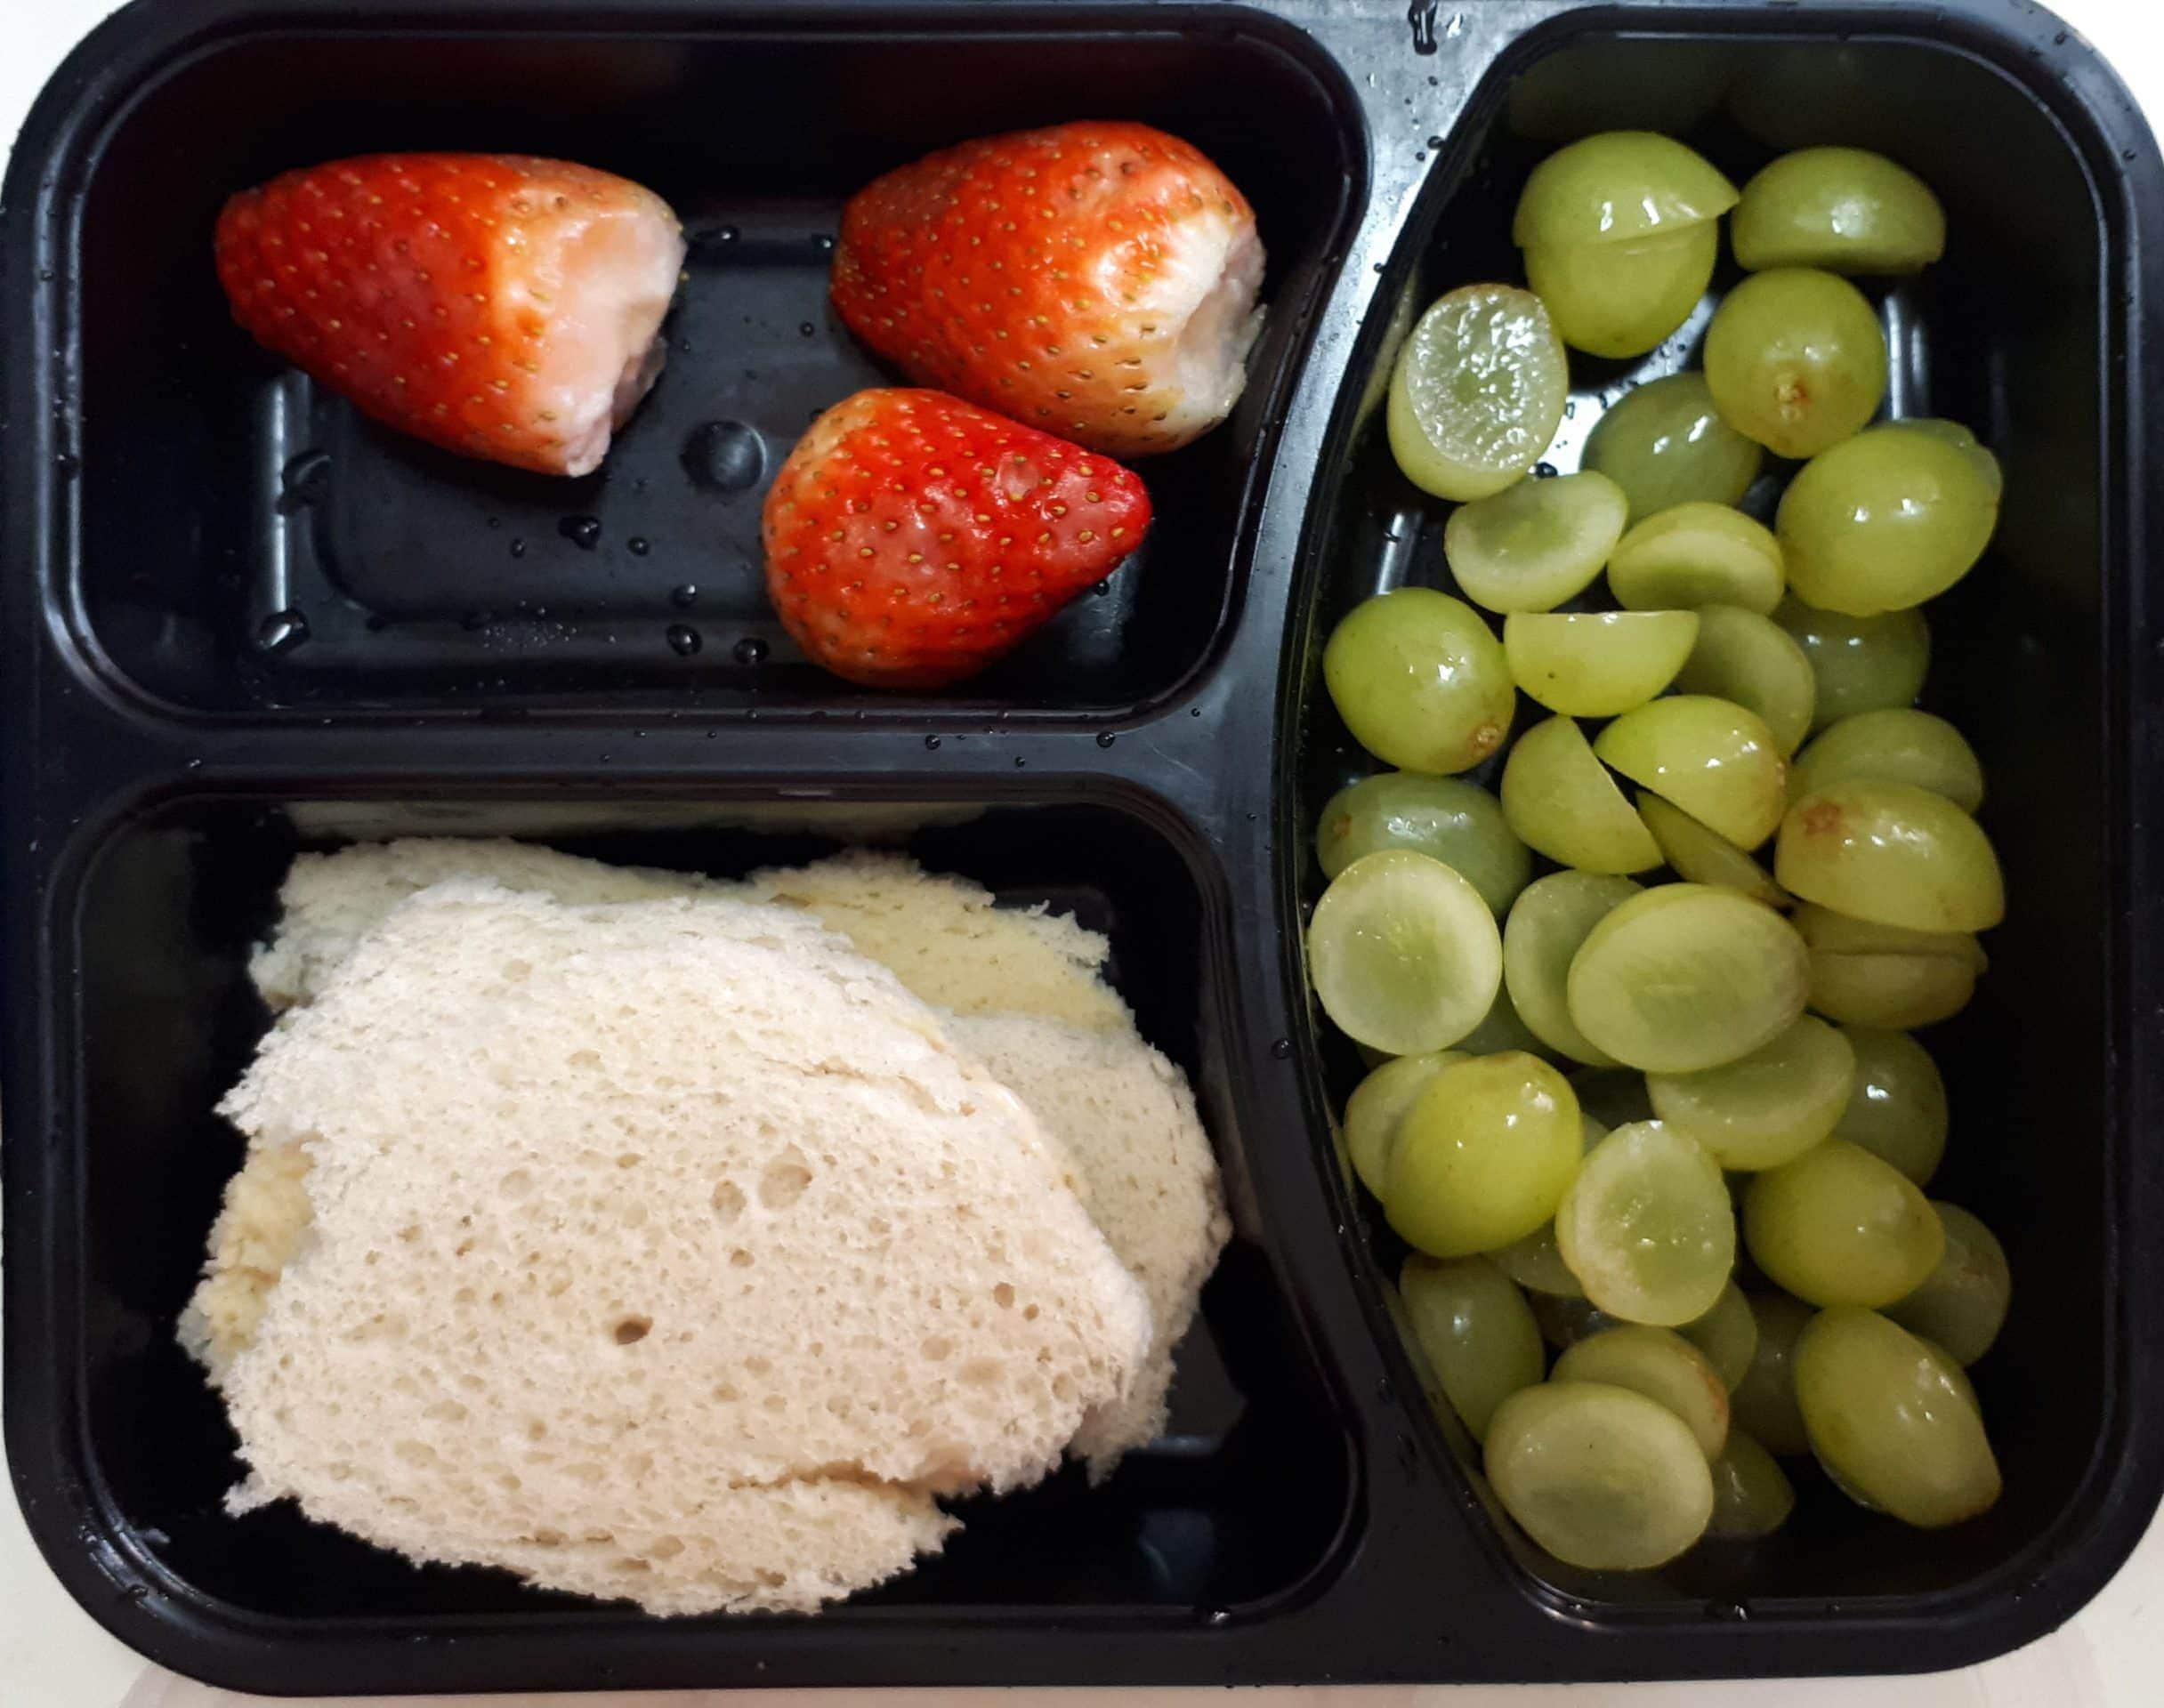 ארוחת עשר בכיתה א - מה שונה ומה נשאר